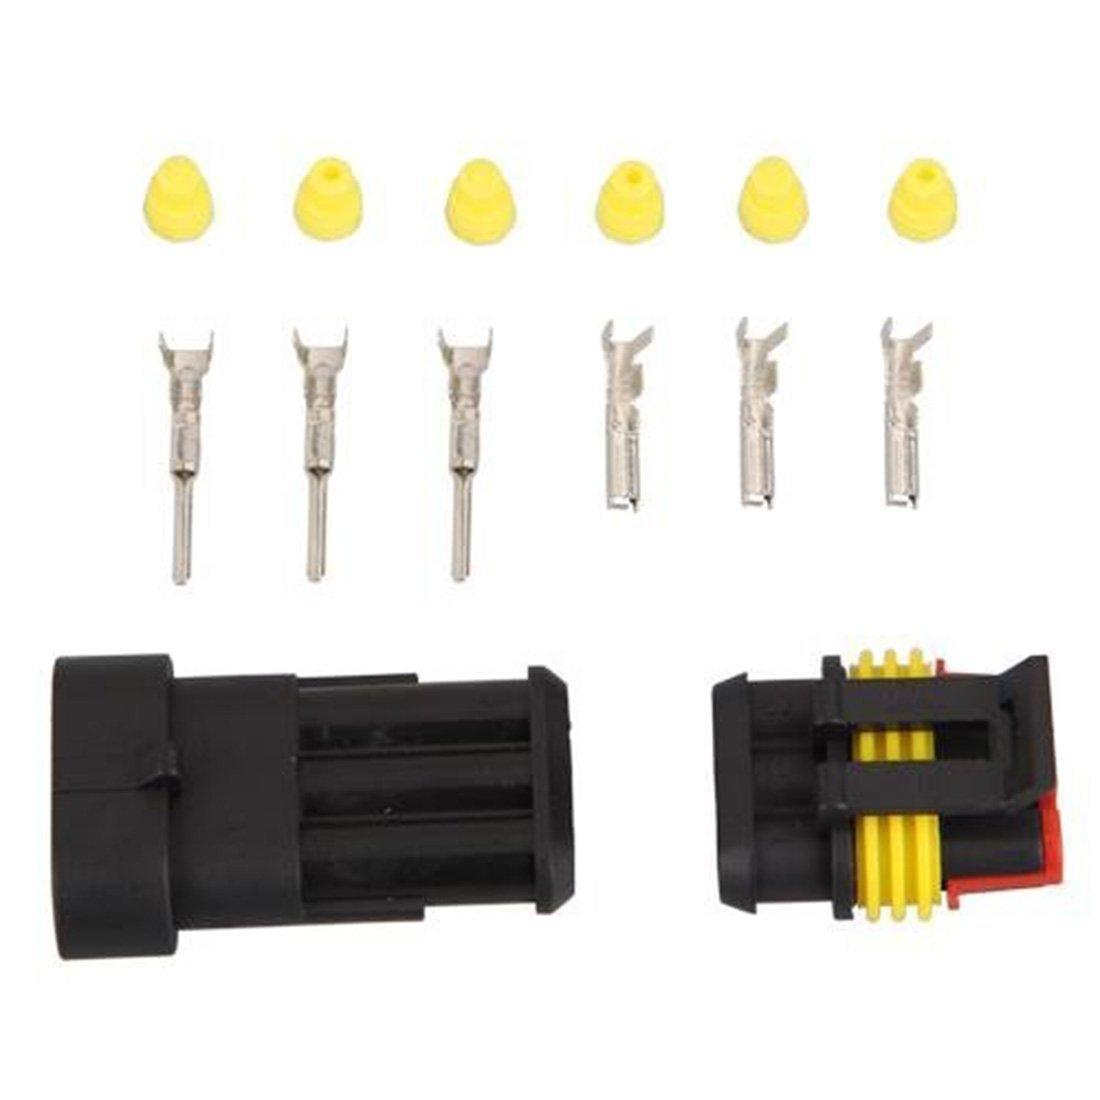 Car 1Kit 3pin Way étanche Fil Fiche de connecteur mâle et femelle de Kits de durable Auto électrique